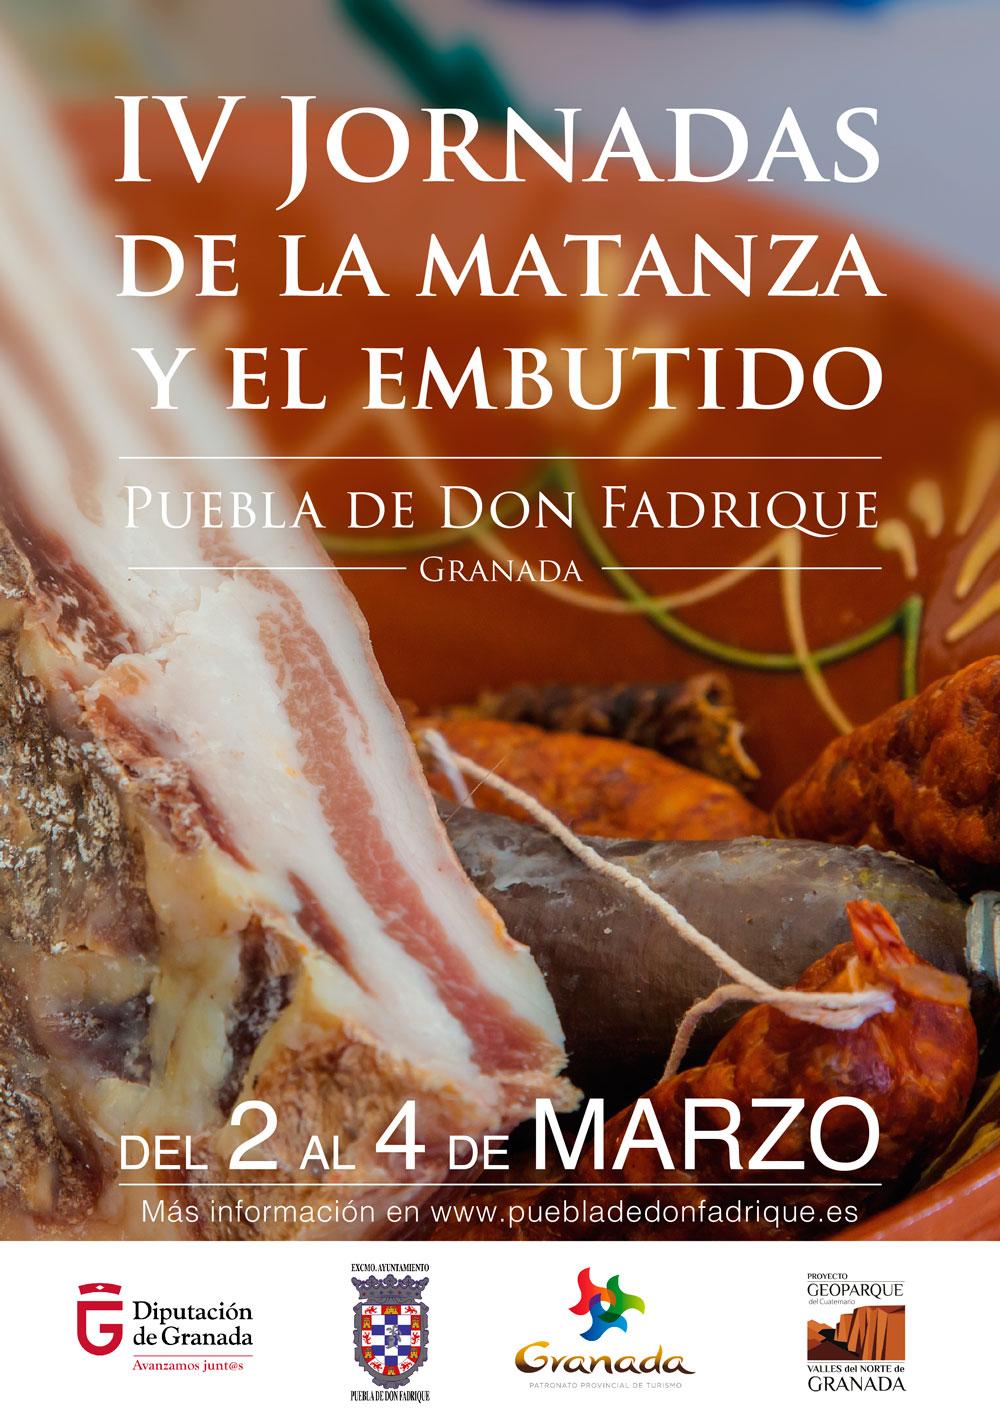 IV Jornadas Gastronómicas de la Matanza y del Embutido.